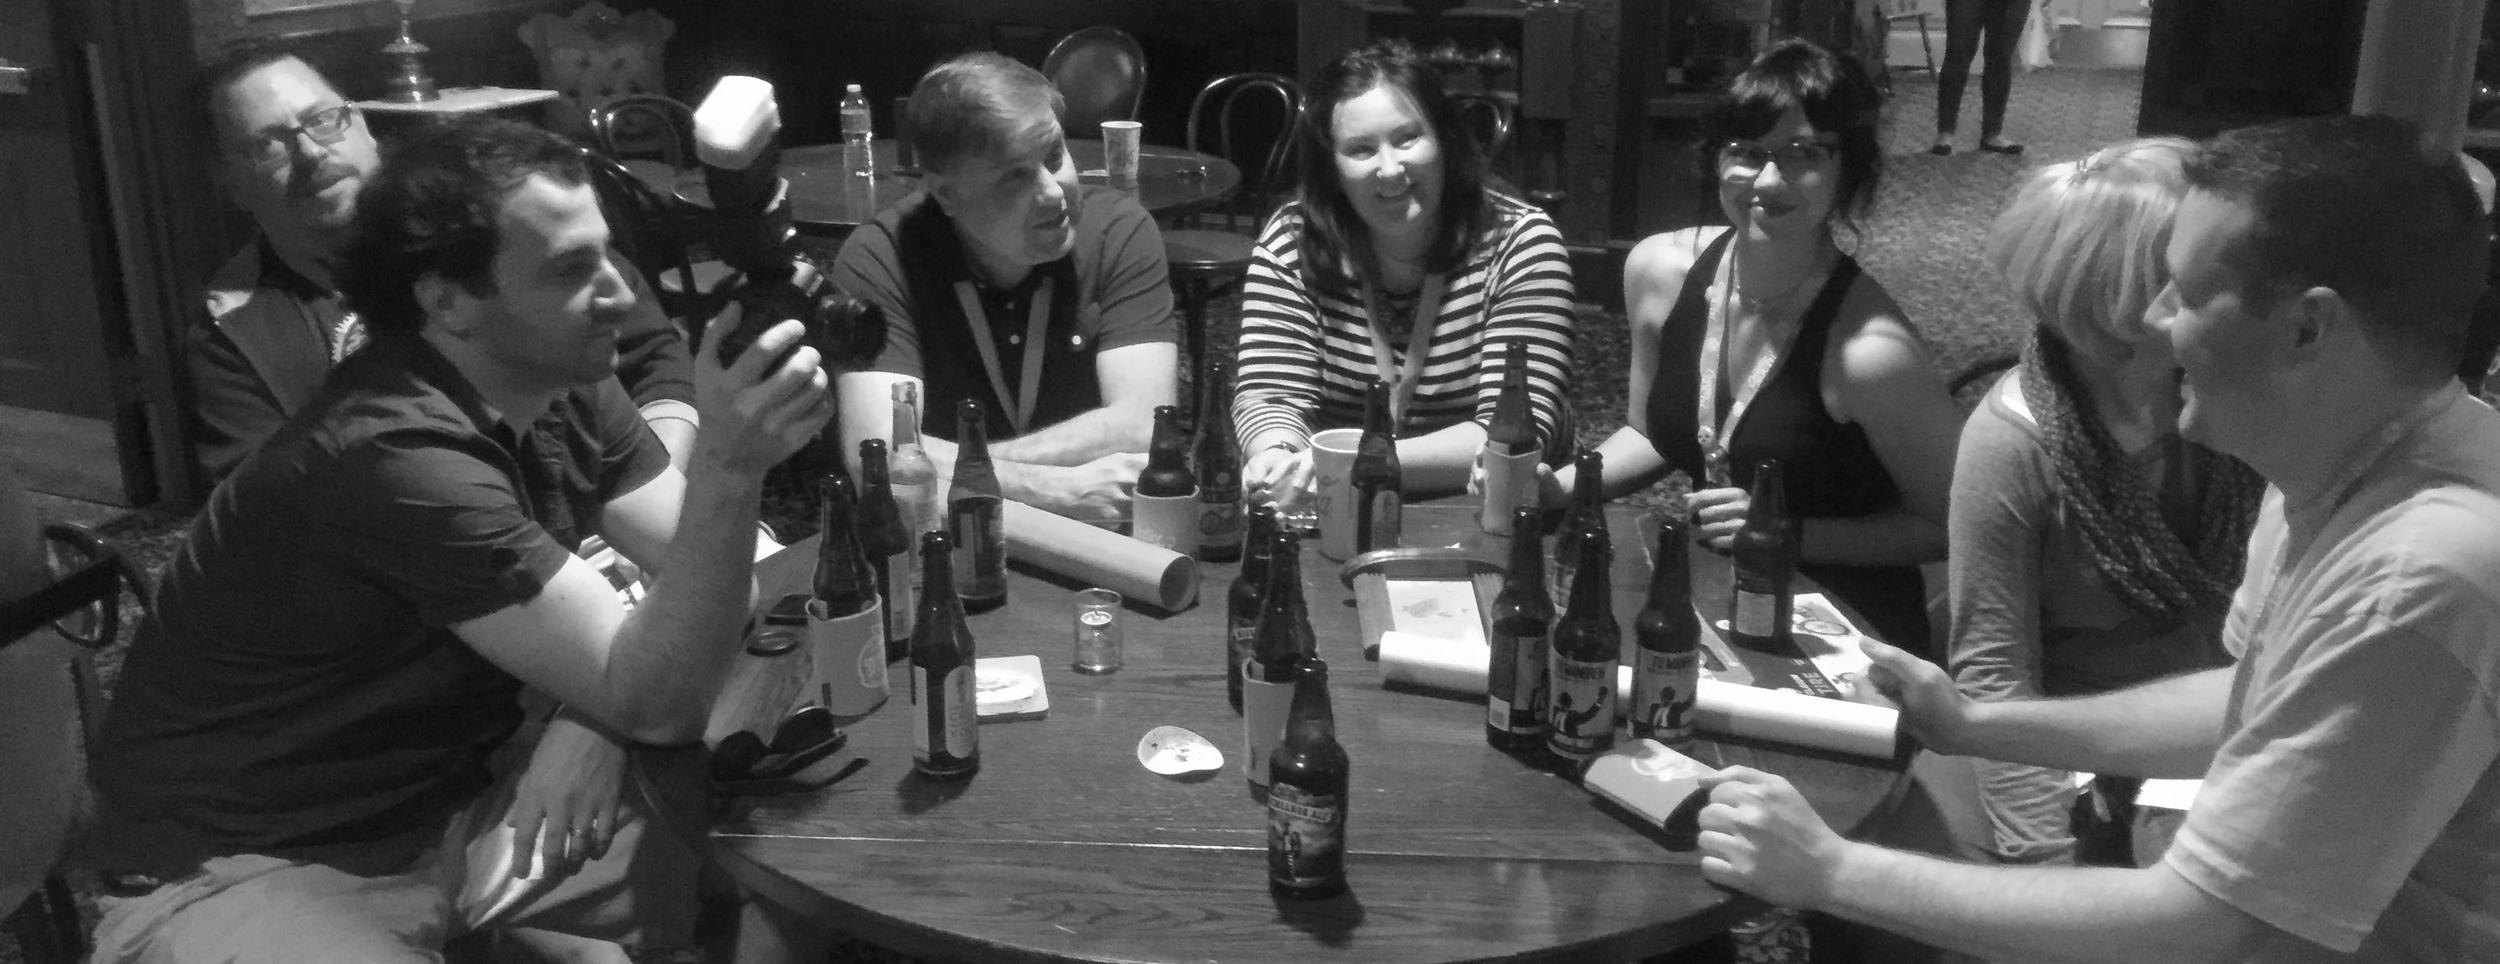 An impromptu workshop/ tasting session.